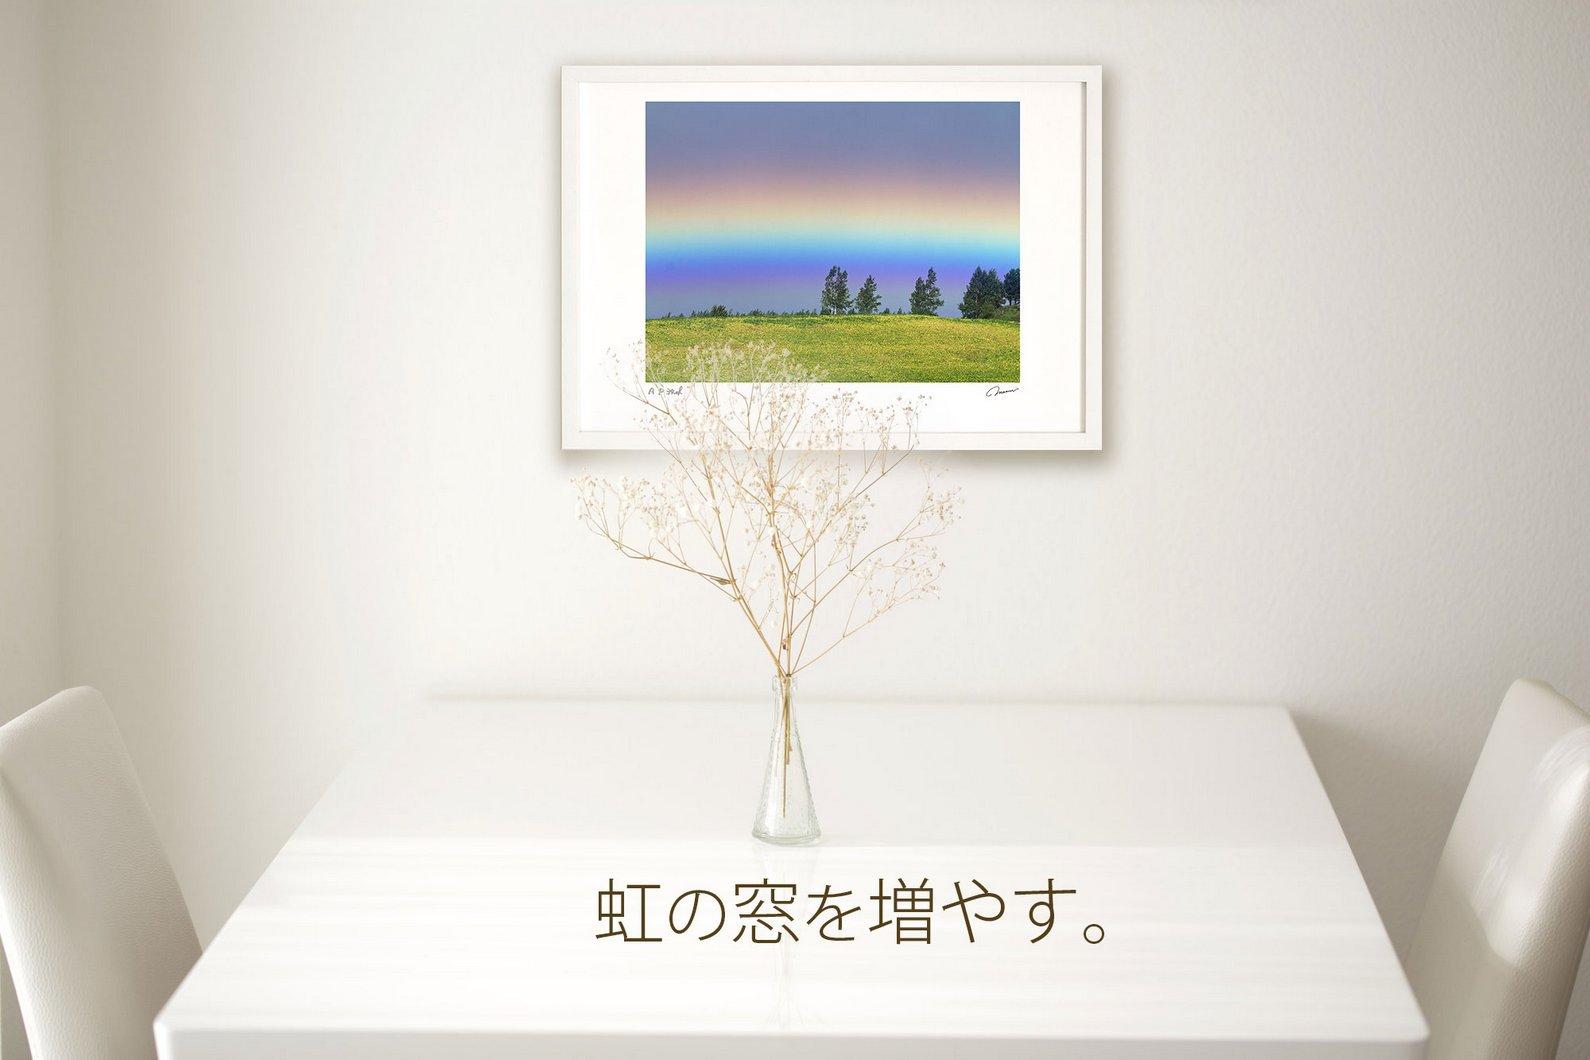 《アートフォト》虹1/美瑛町〔富良野・高橋真澄〕(レンタル対象)